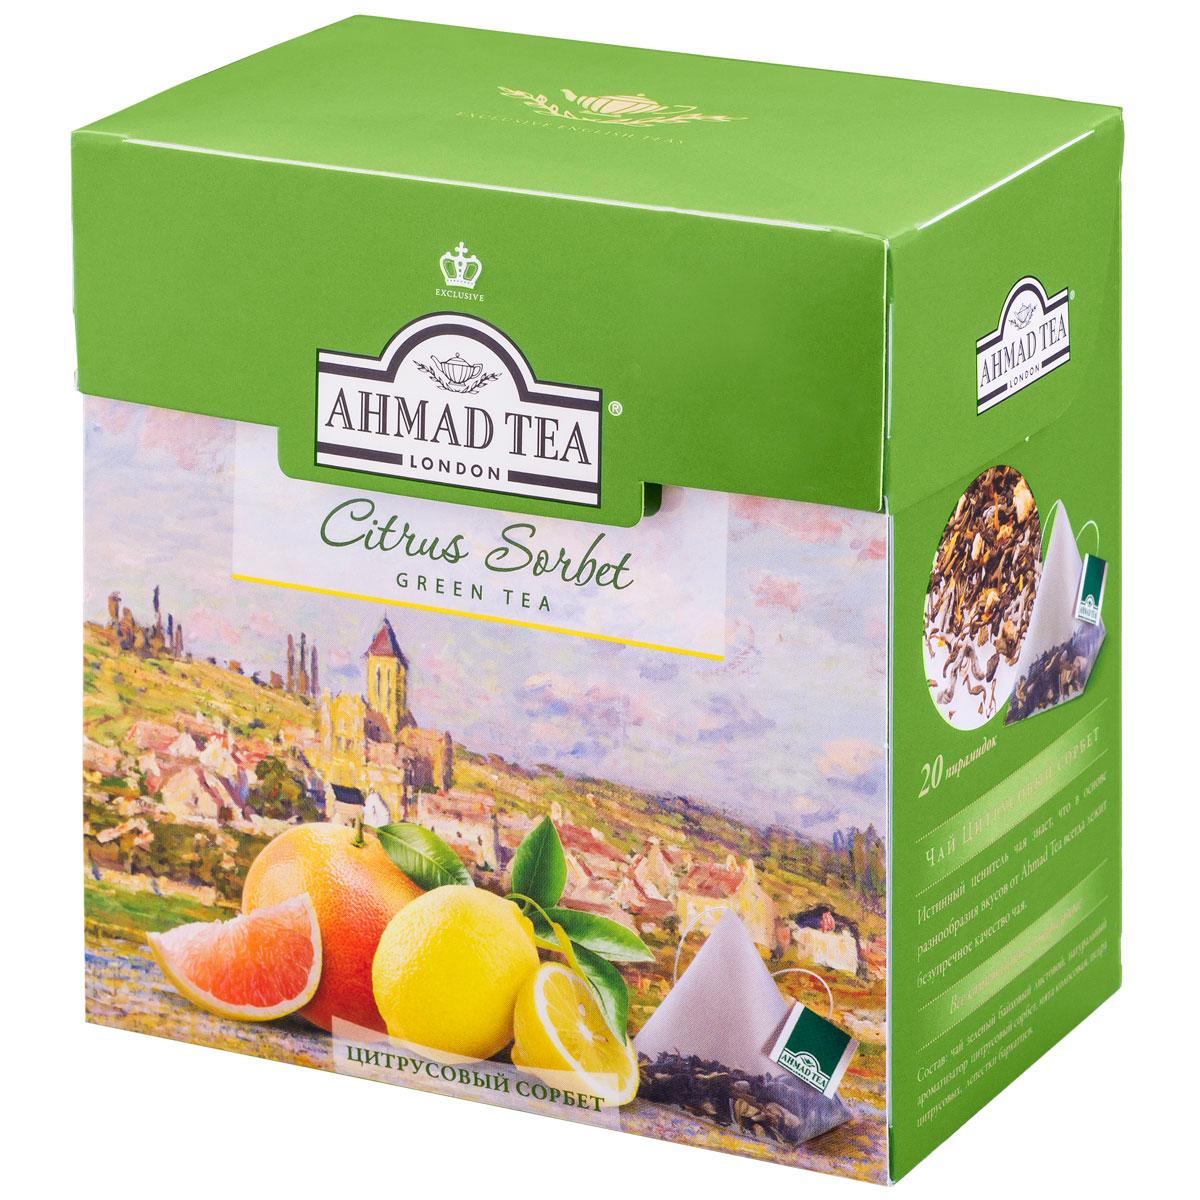 Ahmad Tea Citrus Sorbet зеленый чай в пирамидках, 20 шт1239Ahmad Tea Citrus Sorbet - изысканный, сложный букет, в котором вкус утонченного зеленого чая становится особенно выразителен в обрамлении грейпфрутовых и лимонно-мятных нот. Заваривать 4-6 минут, температура воды 90°.